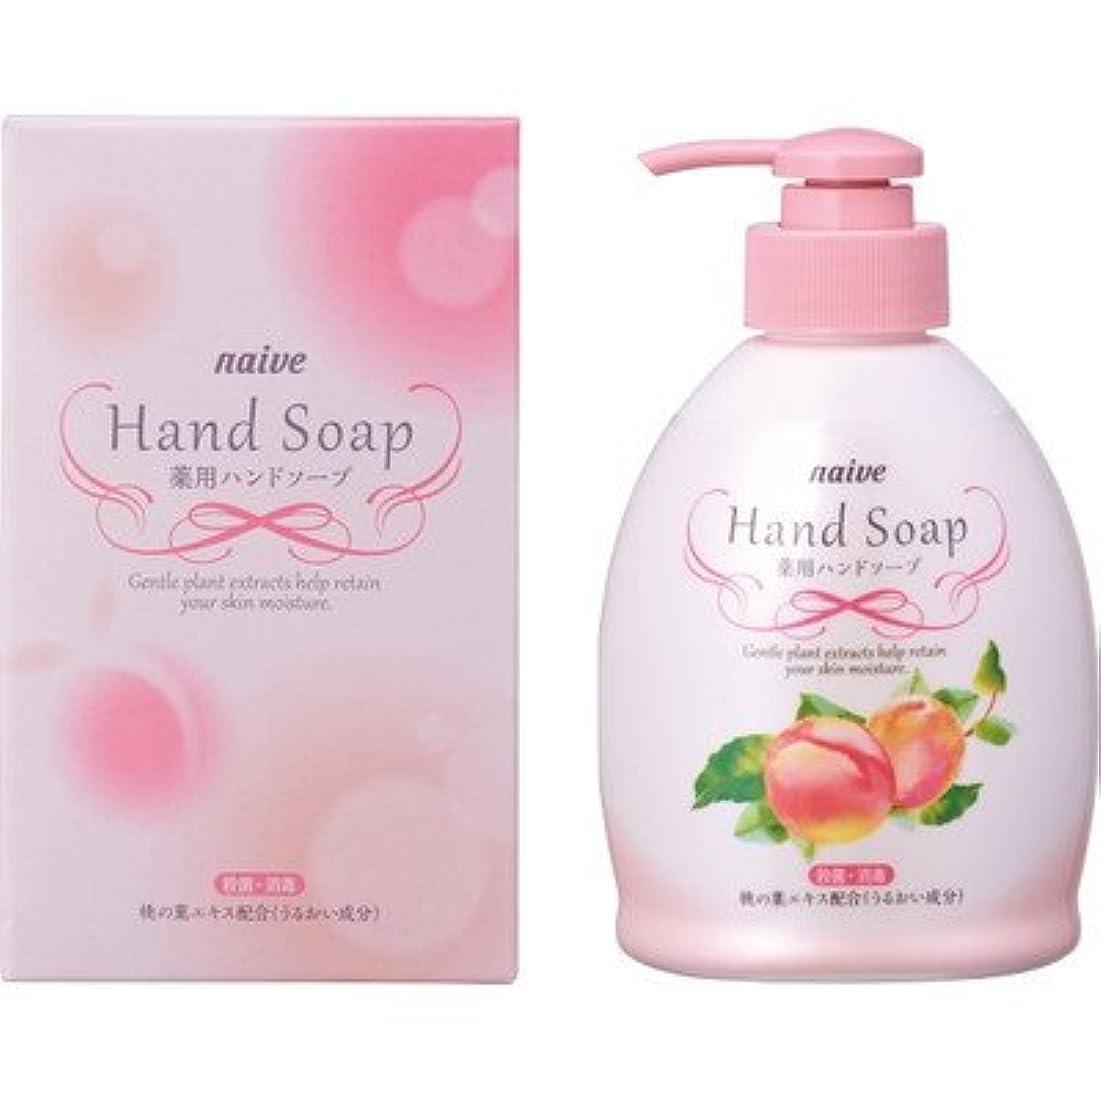 風味マングルセラフナイーブ 薬用植物性ハンドソープ(化粧箱入) 18-0729-072